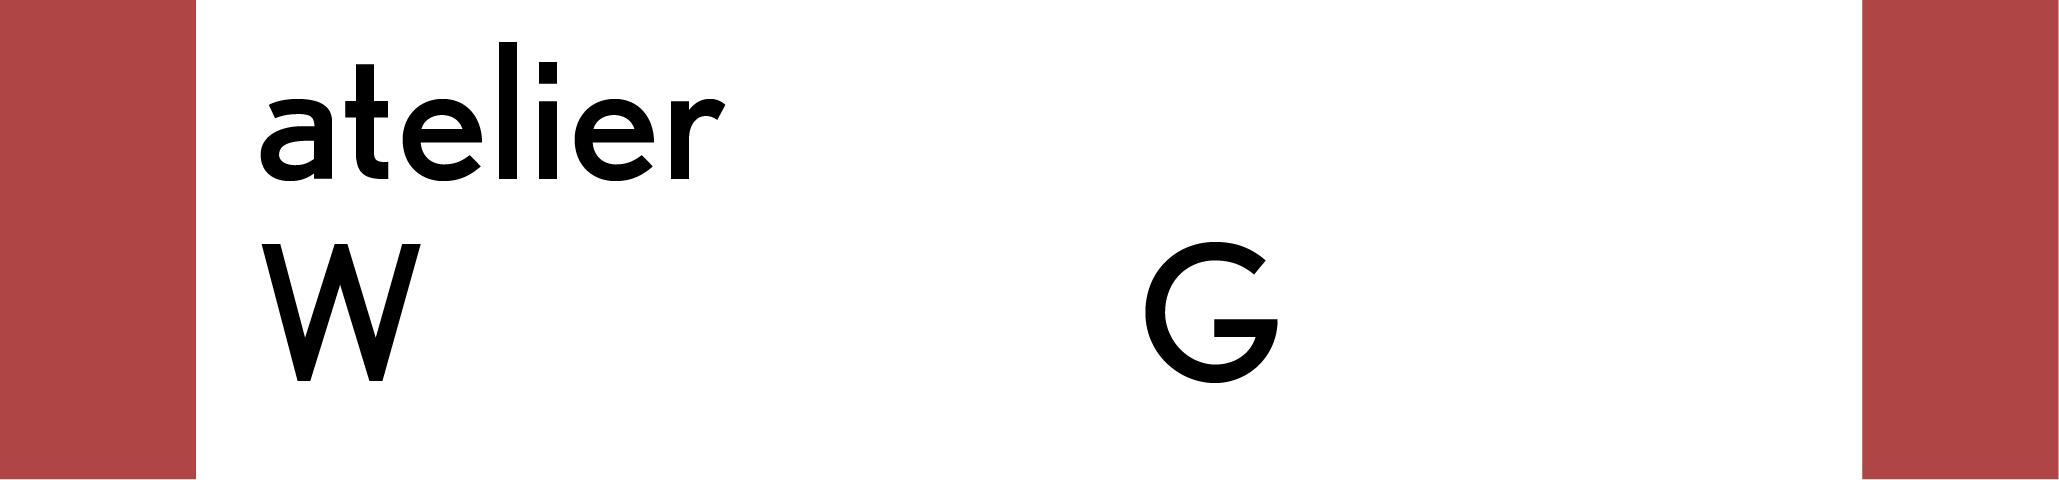 Atelier WG